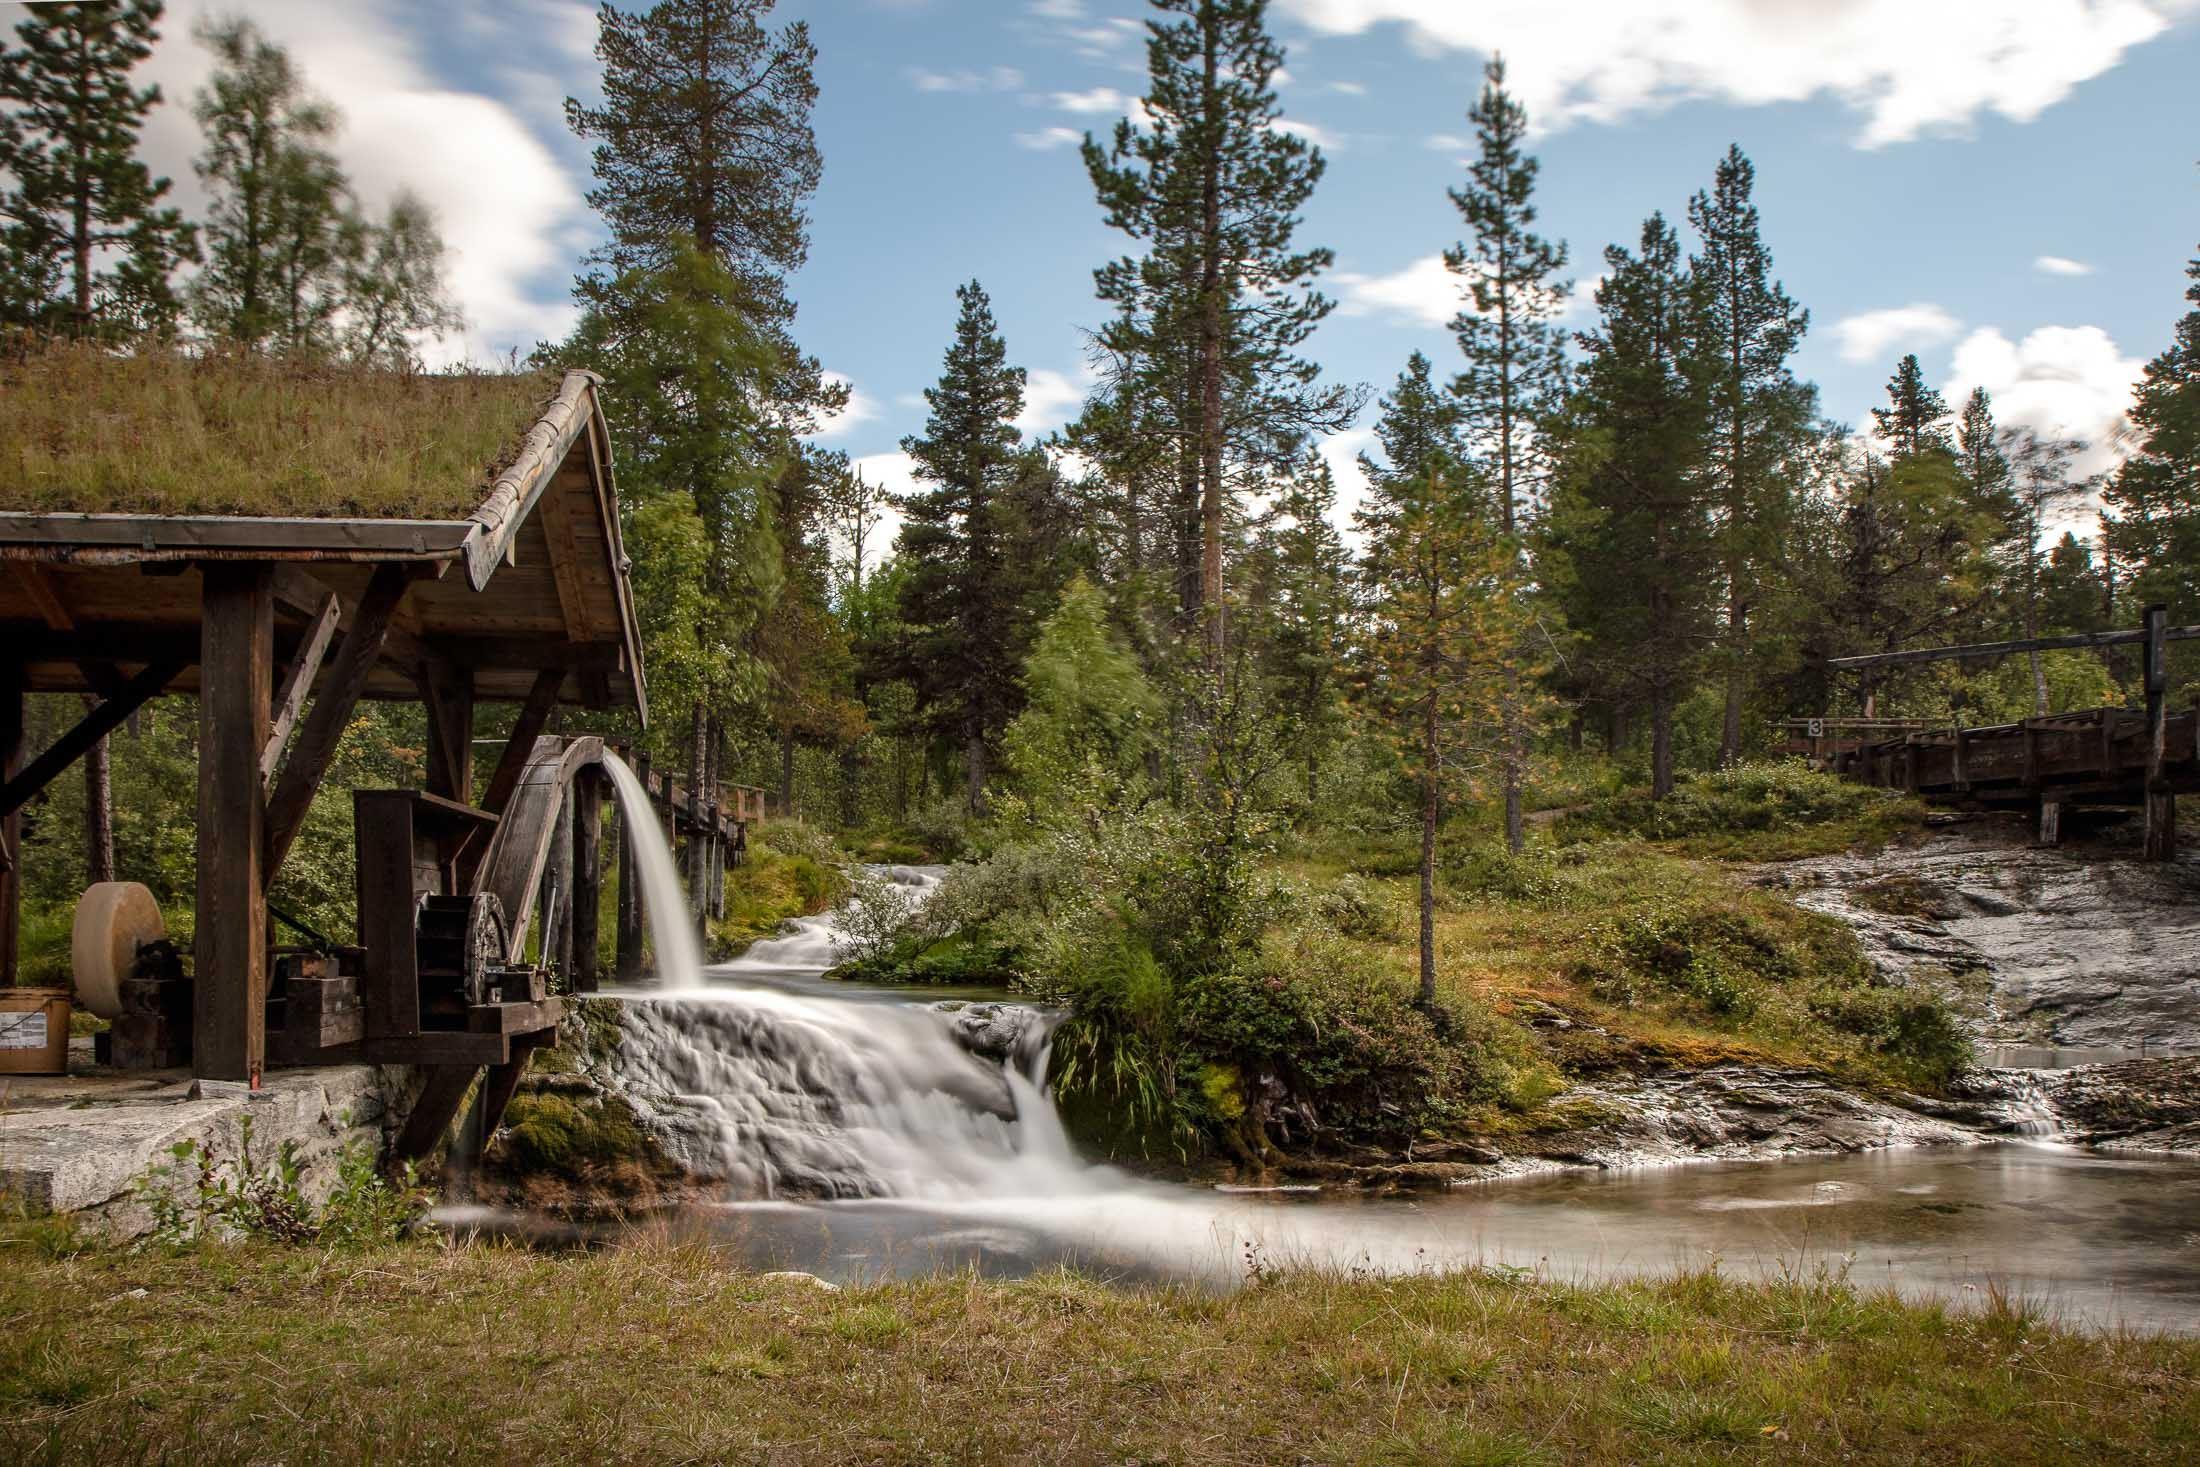 Sagelva Vasskraftsenter - Med vatn som drivkraft i 300 år